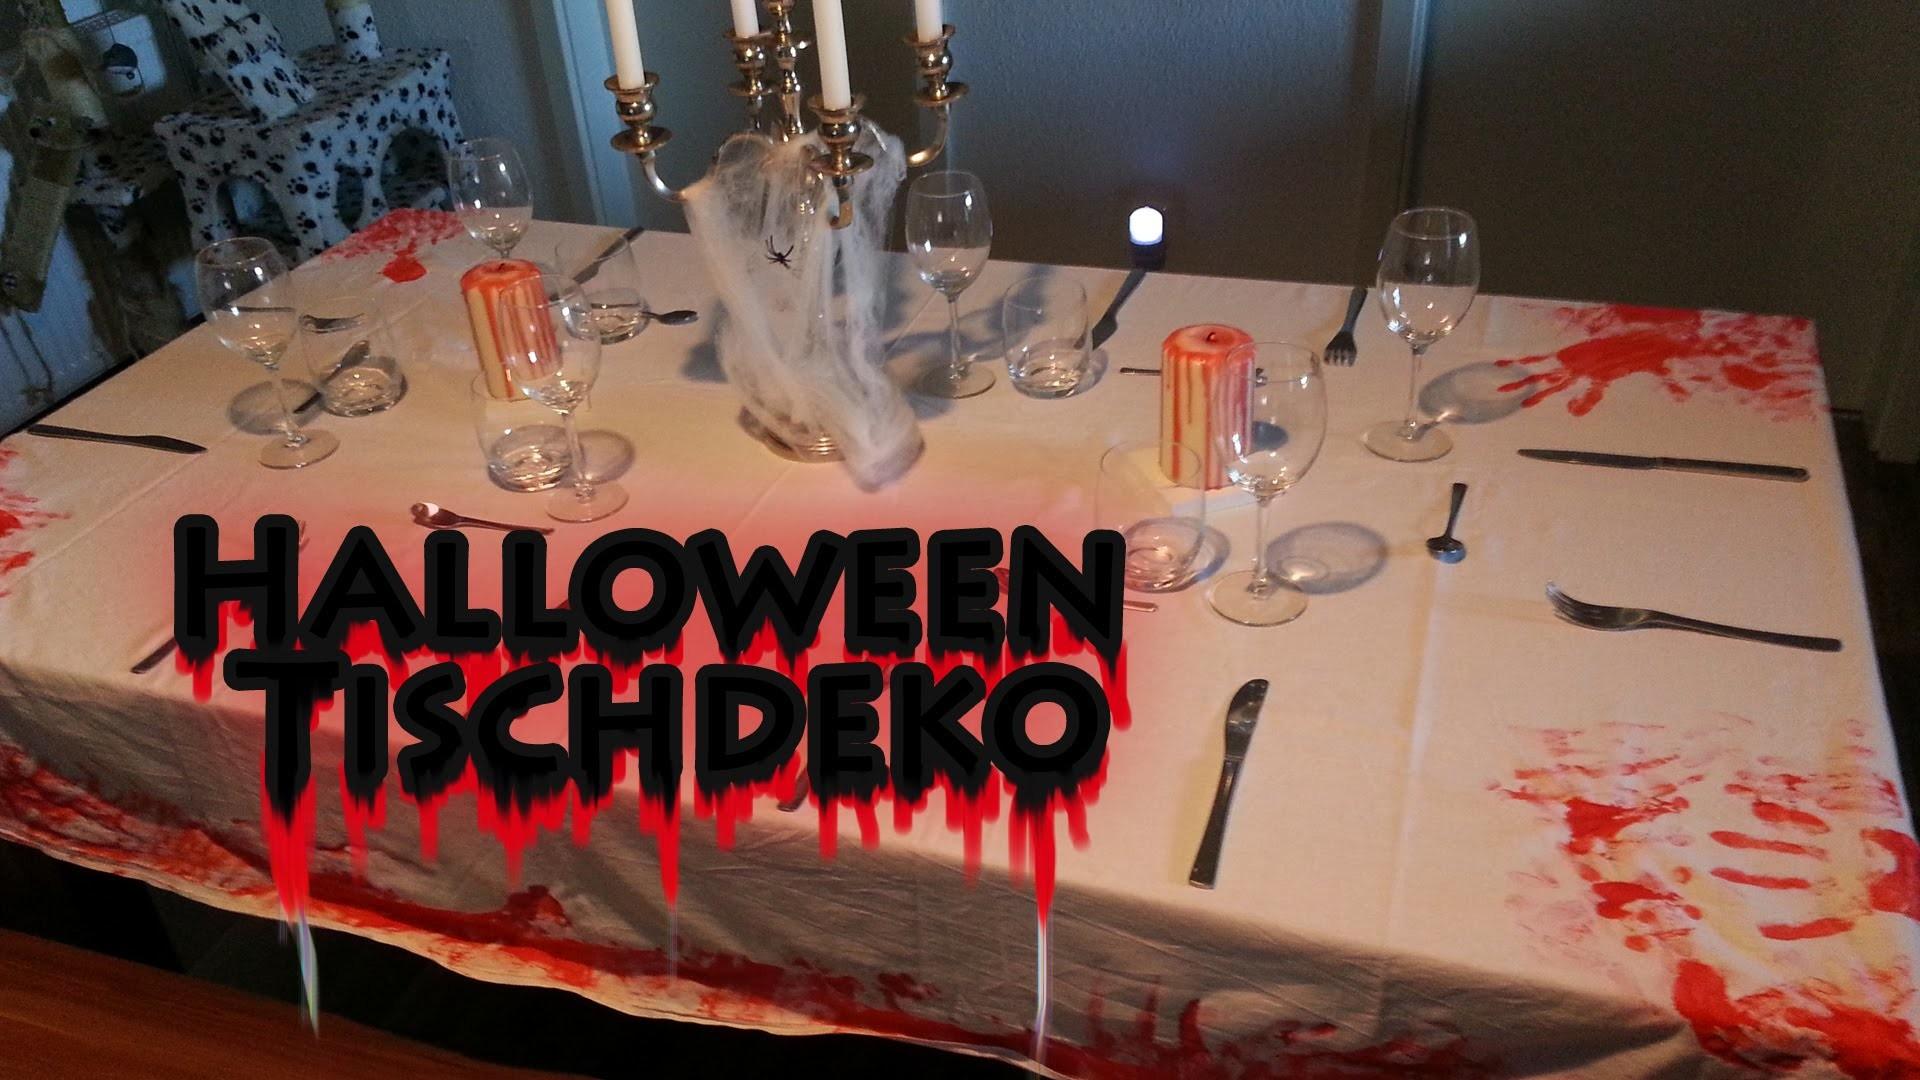 HALLOWEEN TISCHDEKORATION DIY - Party Deko Selber Machen. Basteln [ Last Minute Tipps Neu 2014 ]